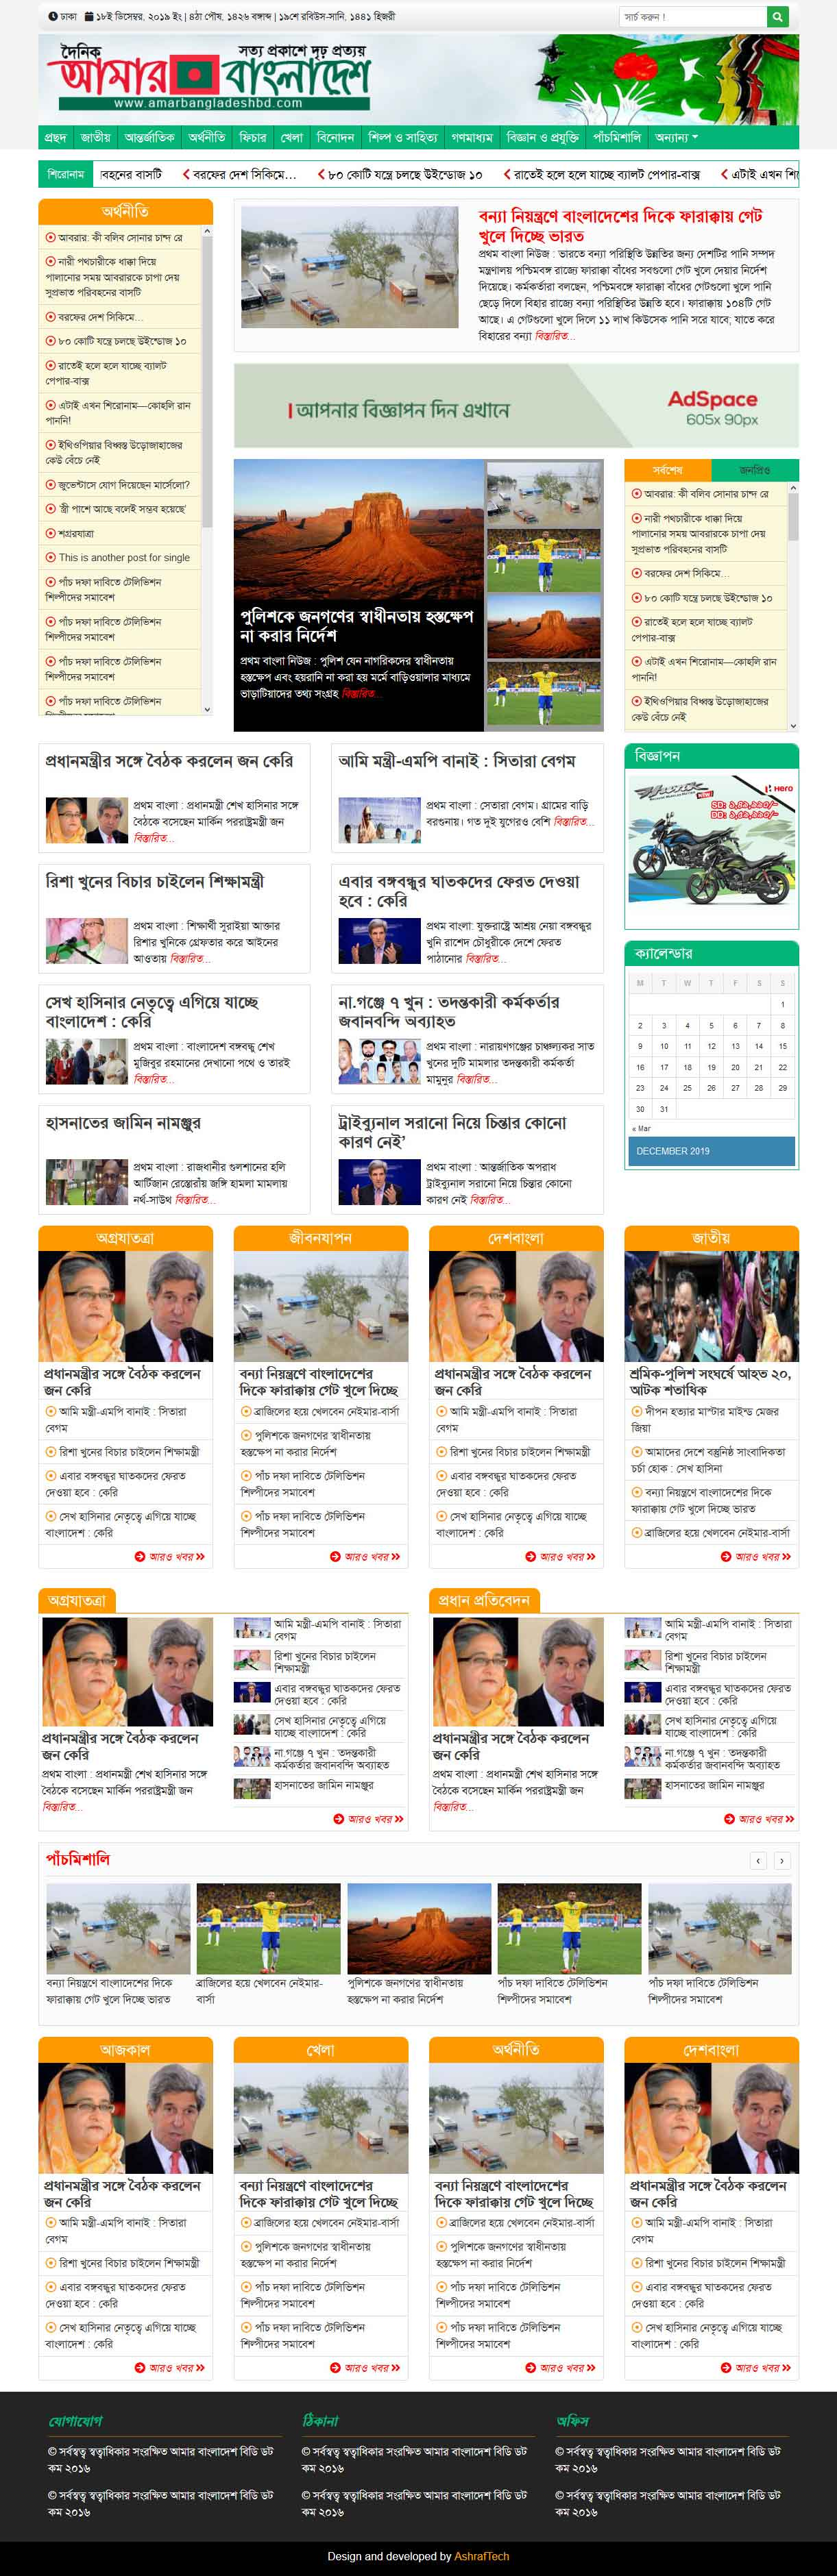 WordPress news theme (Super V.1)